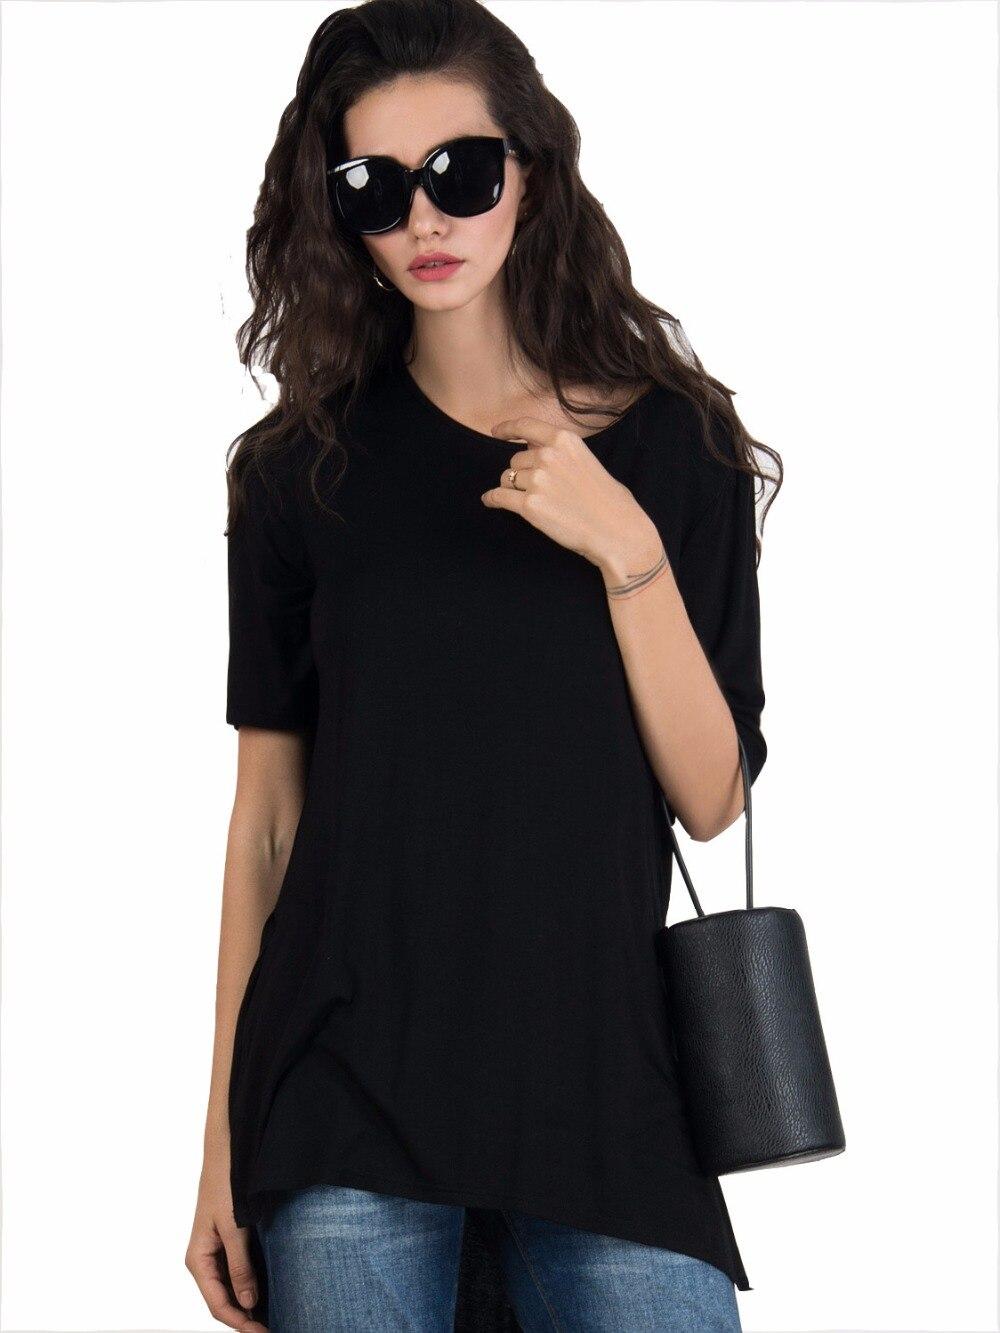 Plain black t shirt style - Longline T Shirts Women S Black Plain